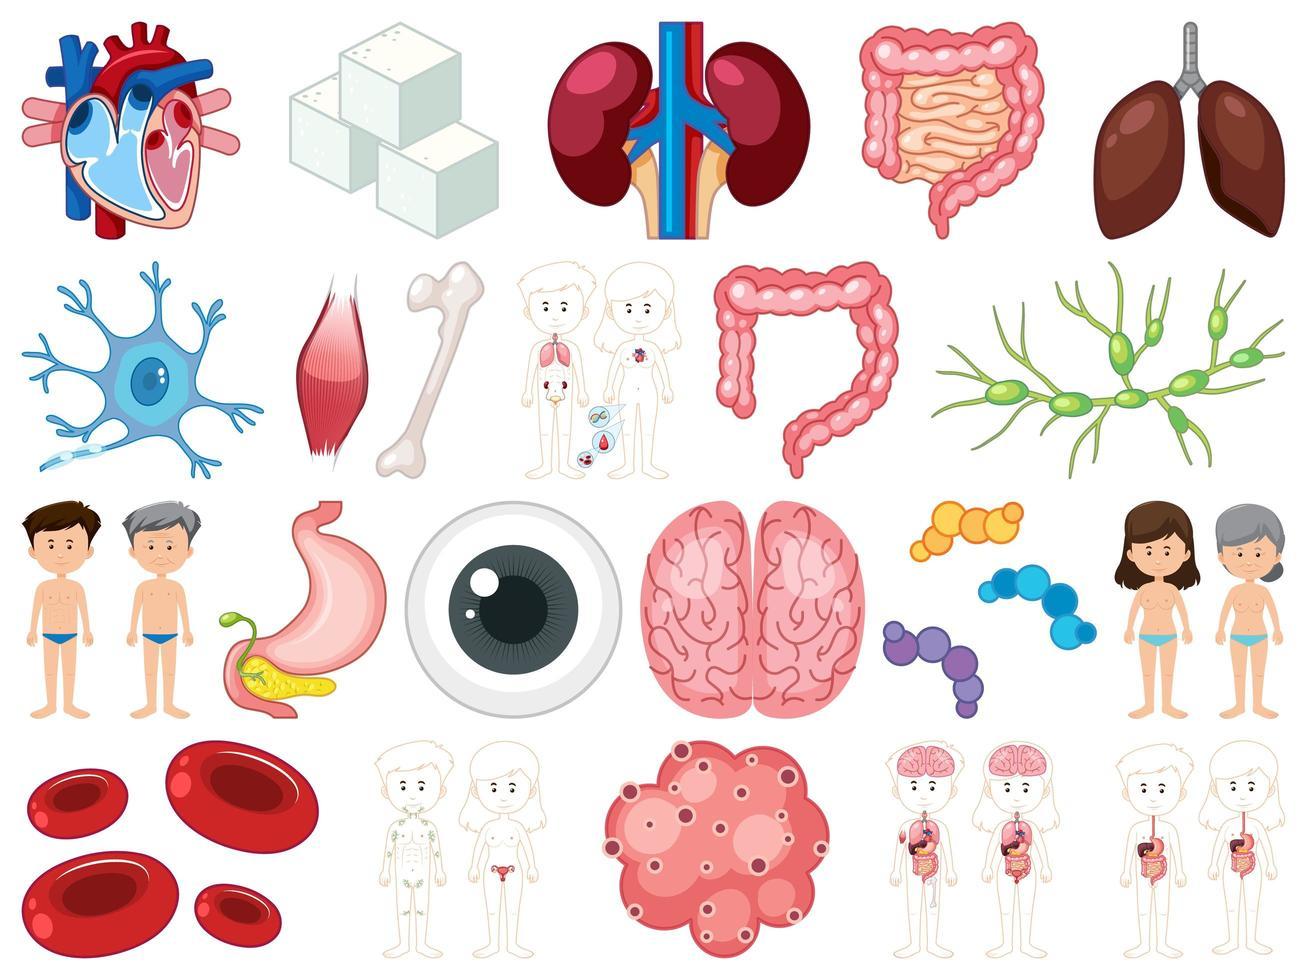 uppsättning mänskliga inre organ isolerad på vit bakgrund vektor